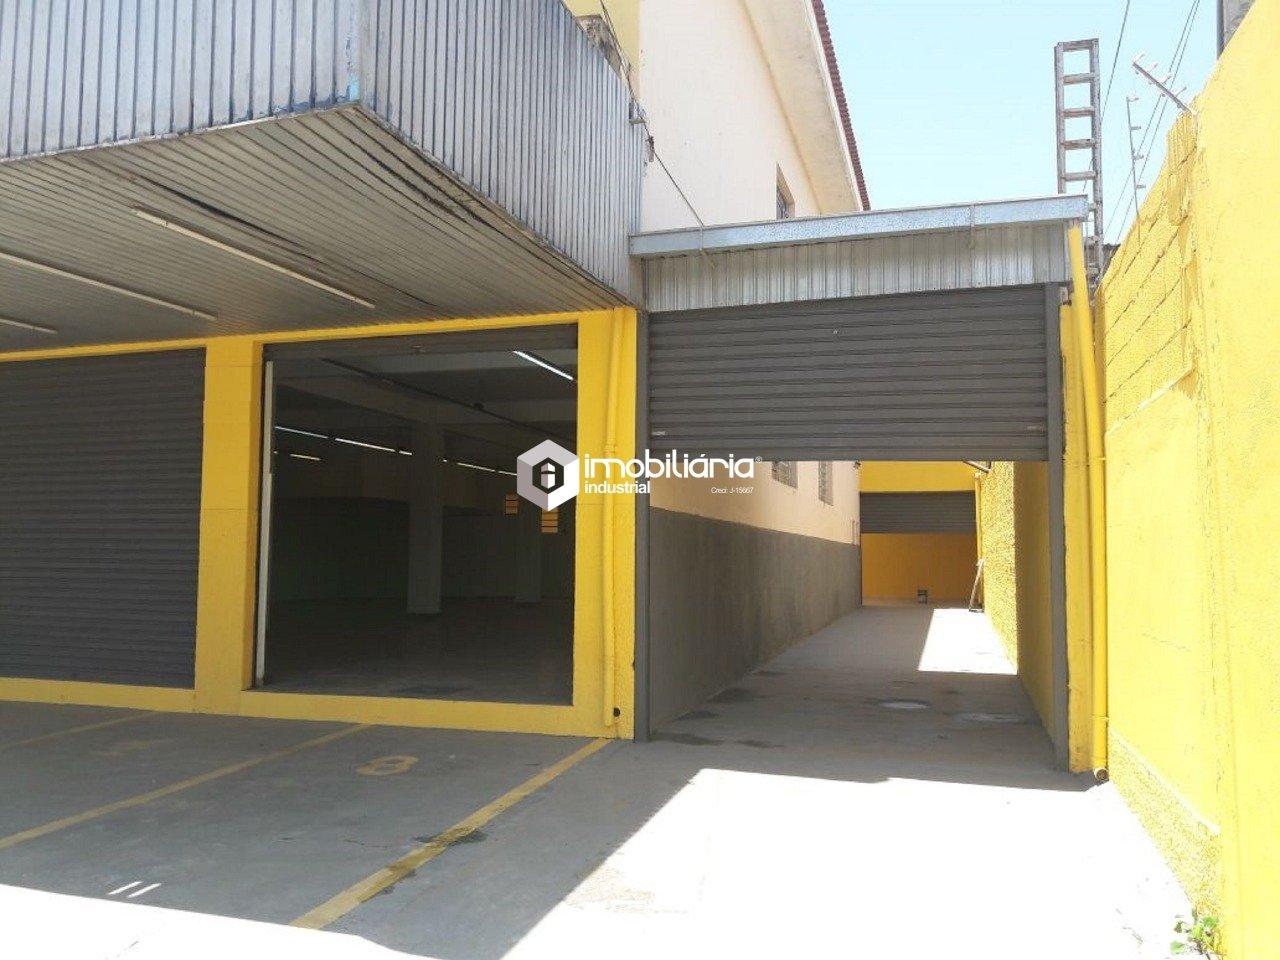 Pavilhão/galpão/depósito para alugar  no Vila Nova Bonsucesso - Guarulhos, SP. Imóveis